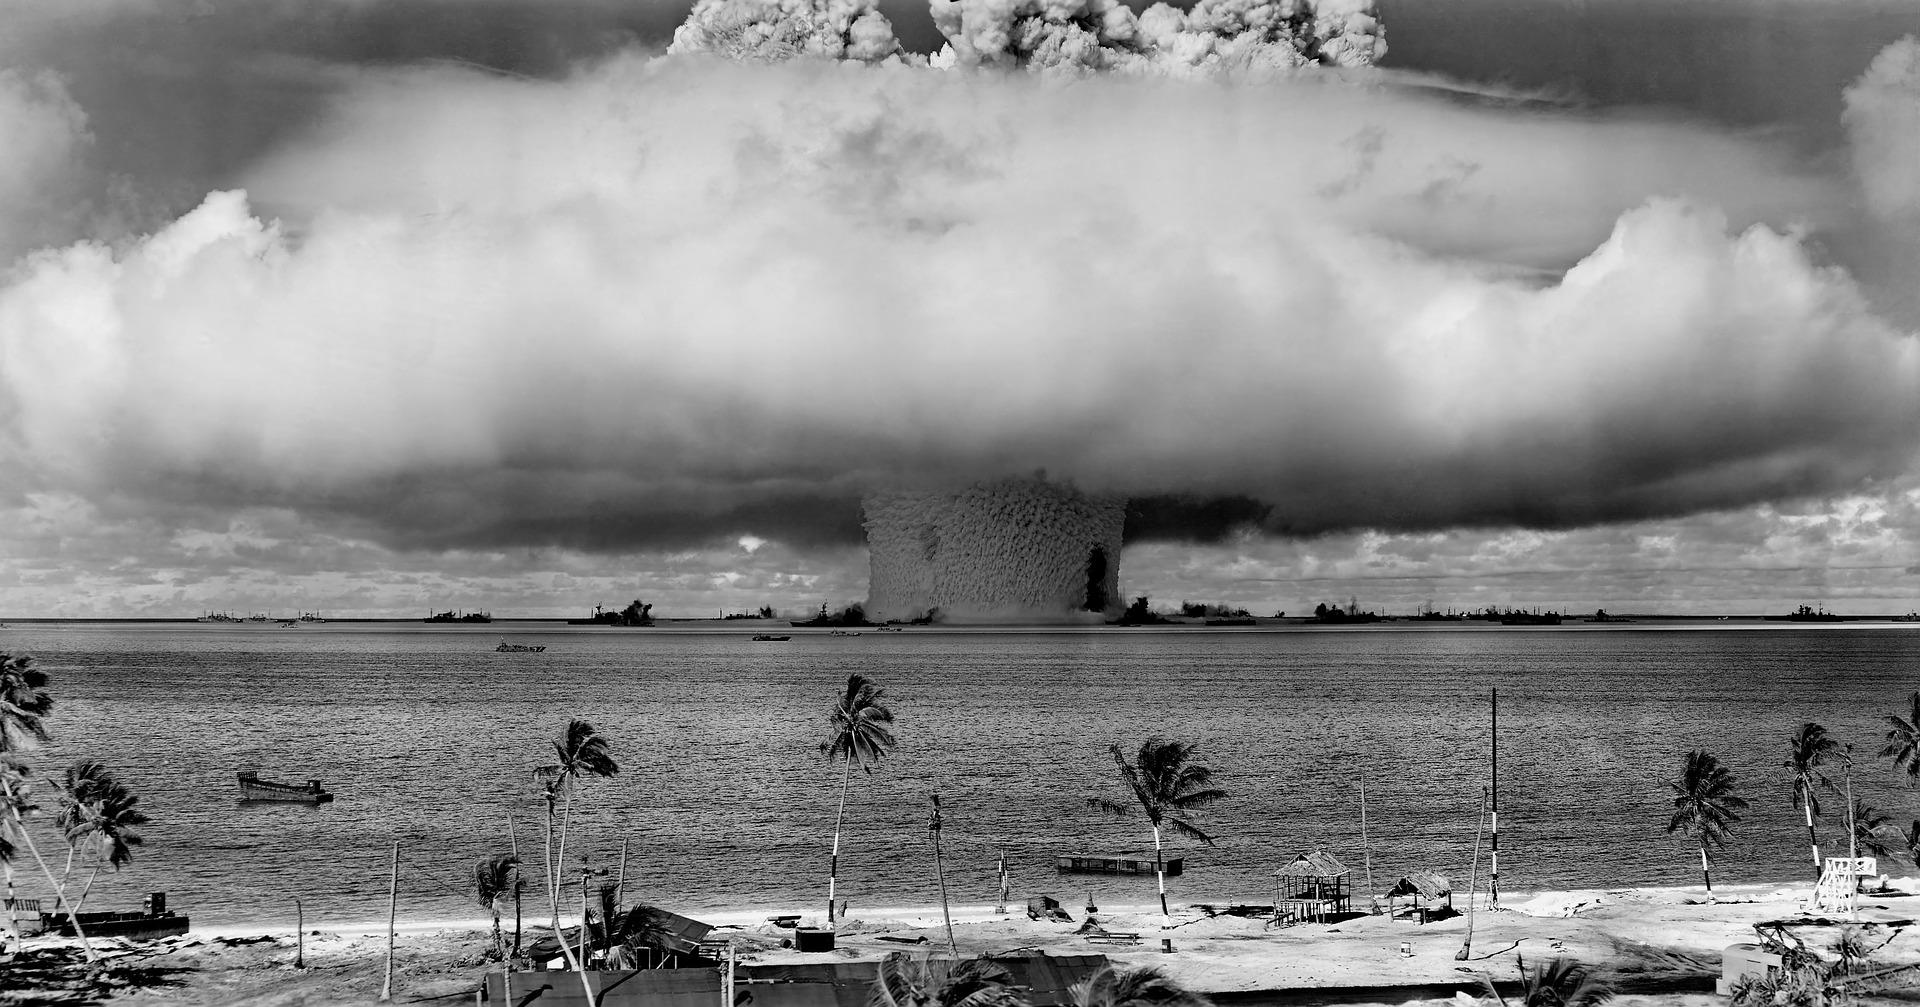 En atombomb sprängs långt bort i fjärran. Ett stort svampformat moln stiger mot himlen.